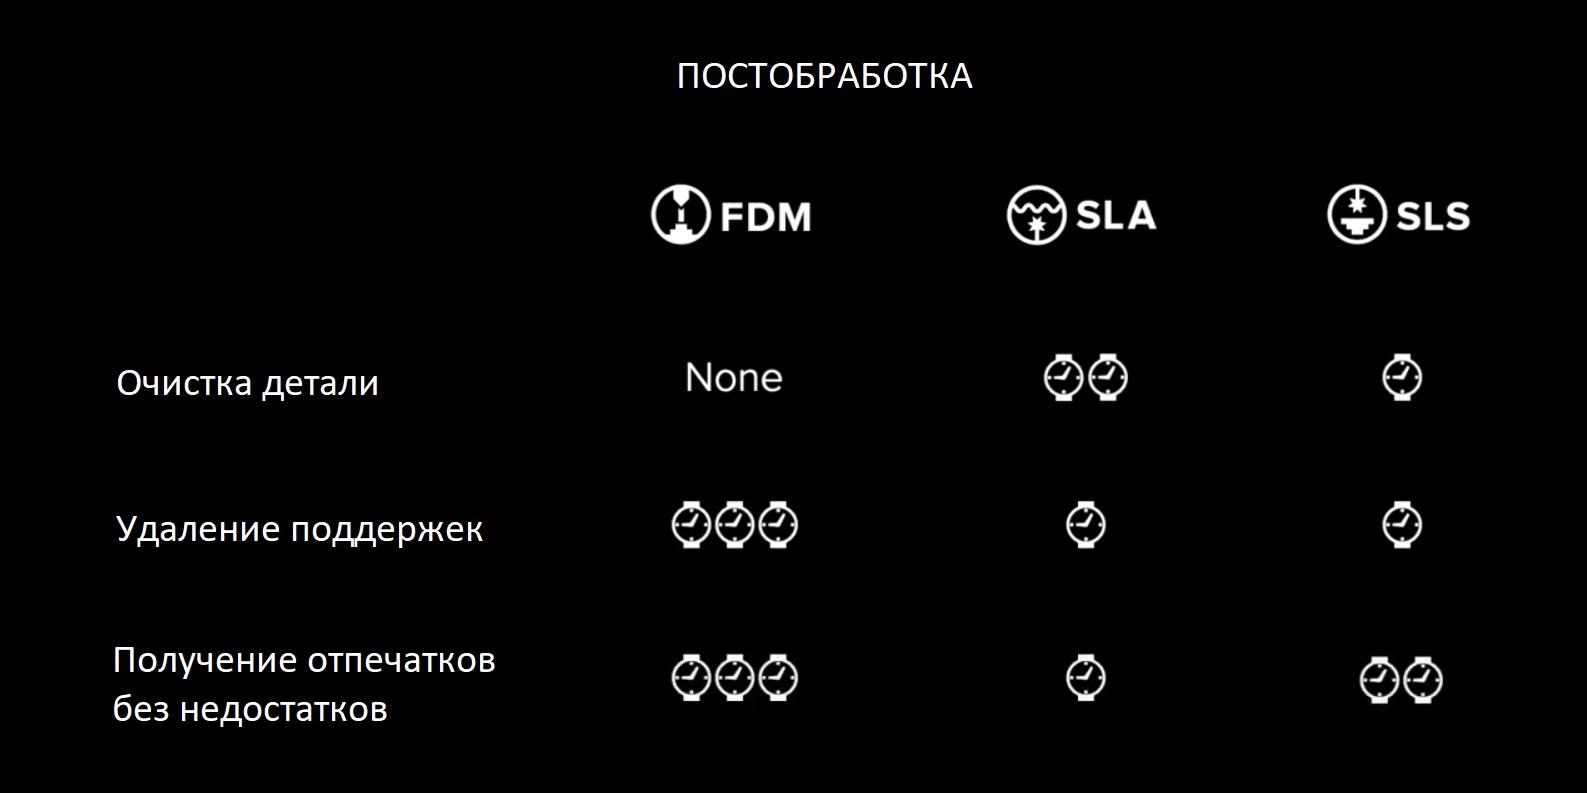 влияние сложности постобработки на выбор технологии 3Д печати